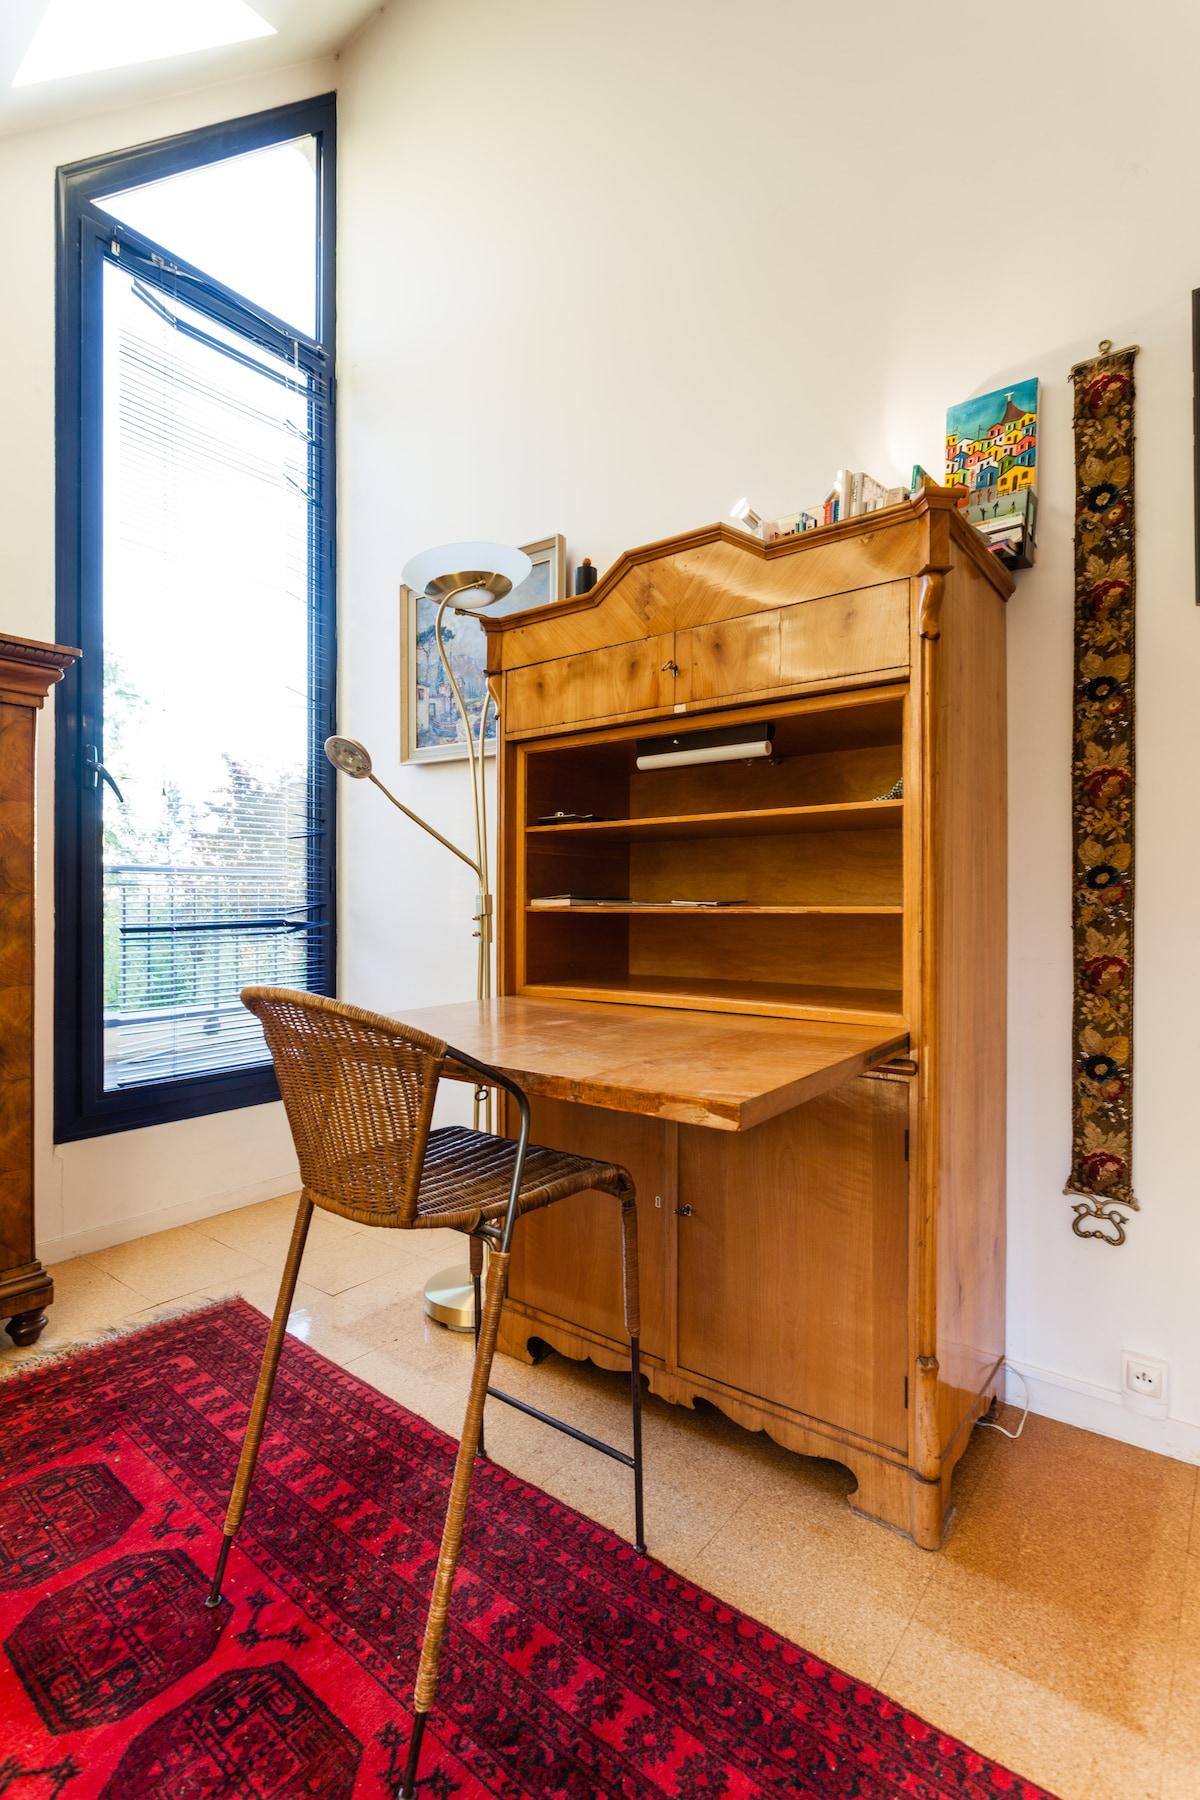 Le bureau et la porte du balcon